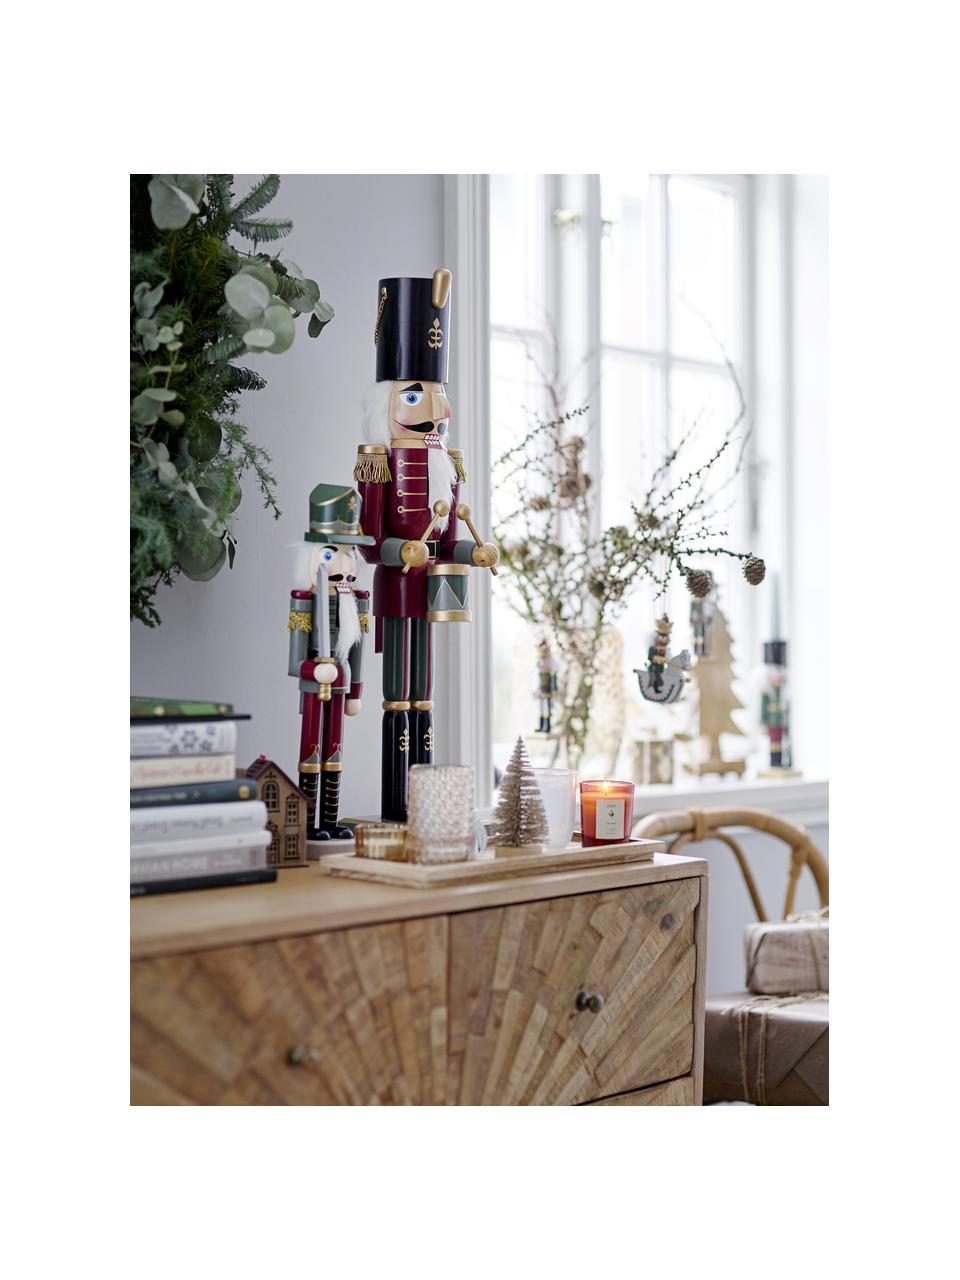 Teelichthalter-Set Otine, 6-tlg., Glas, Goldfarben, Beige, Weiß, Set mit verschiedenen Größen